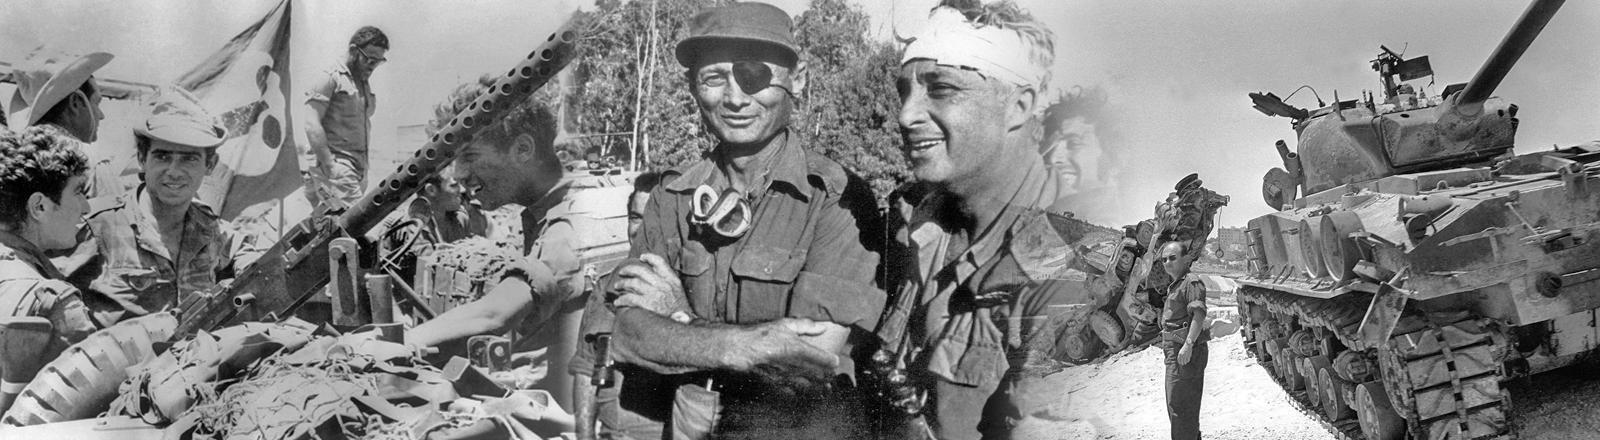 Bilder und Eindrücke aus dem Sechstagekrieg. Israelische Truppen in der Negev-Wüste und ein israelischer Panzer zwischen Israel und Jerusalem.